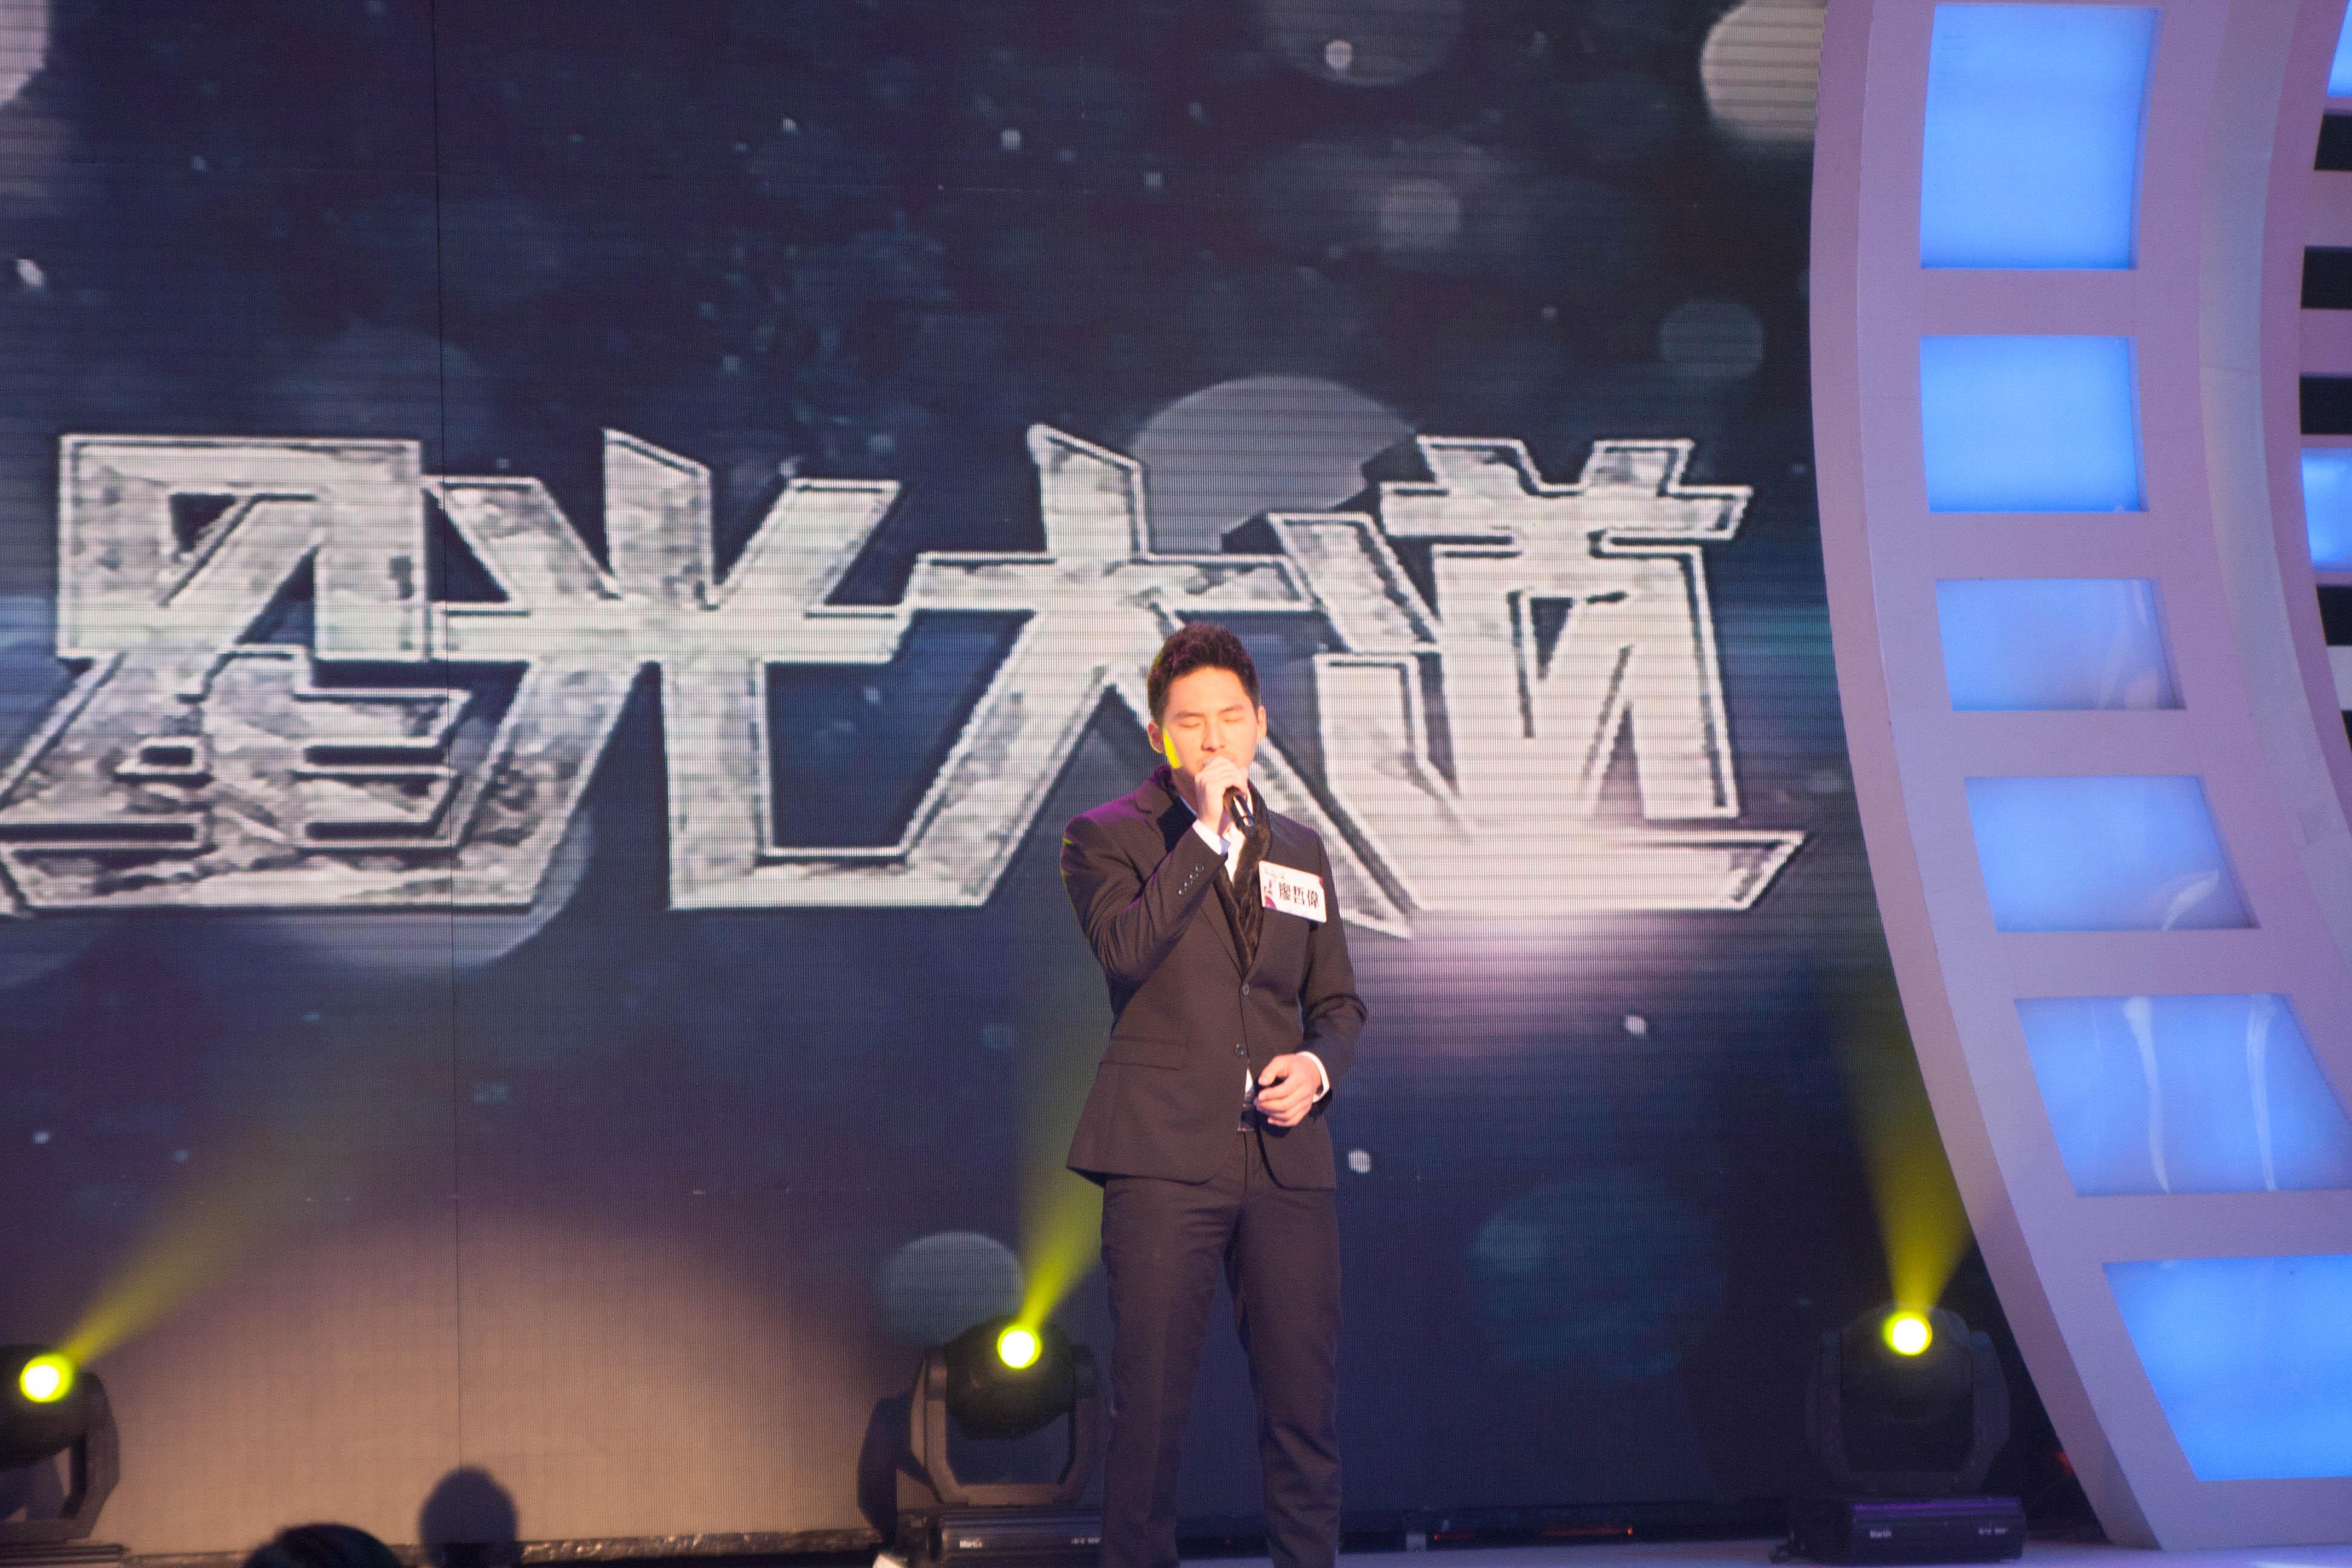 歌聲相當吸引評審的廖哲偉 讓評審差點忘了給分